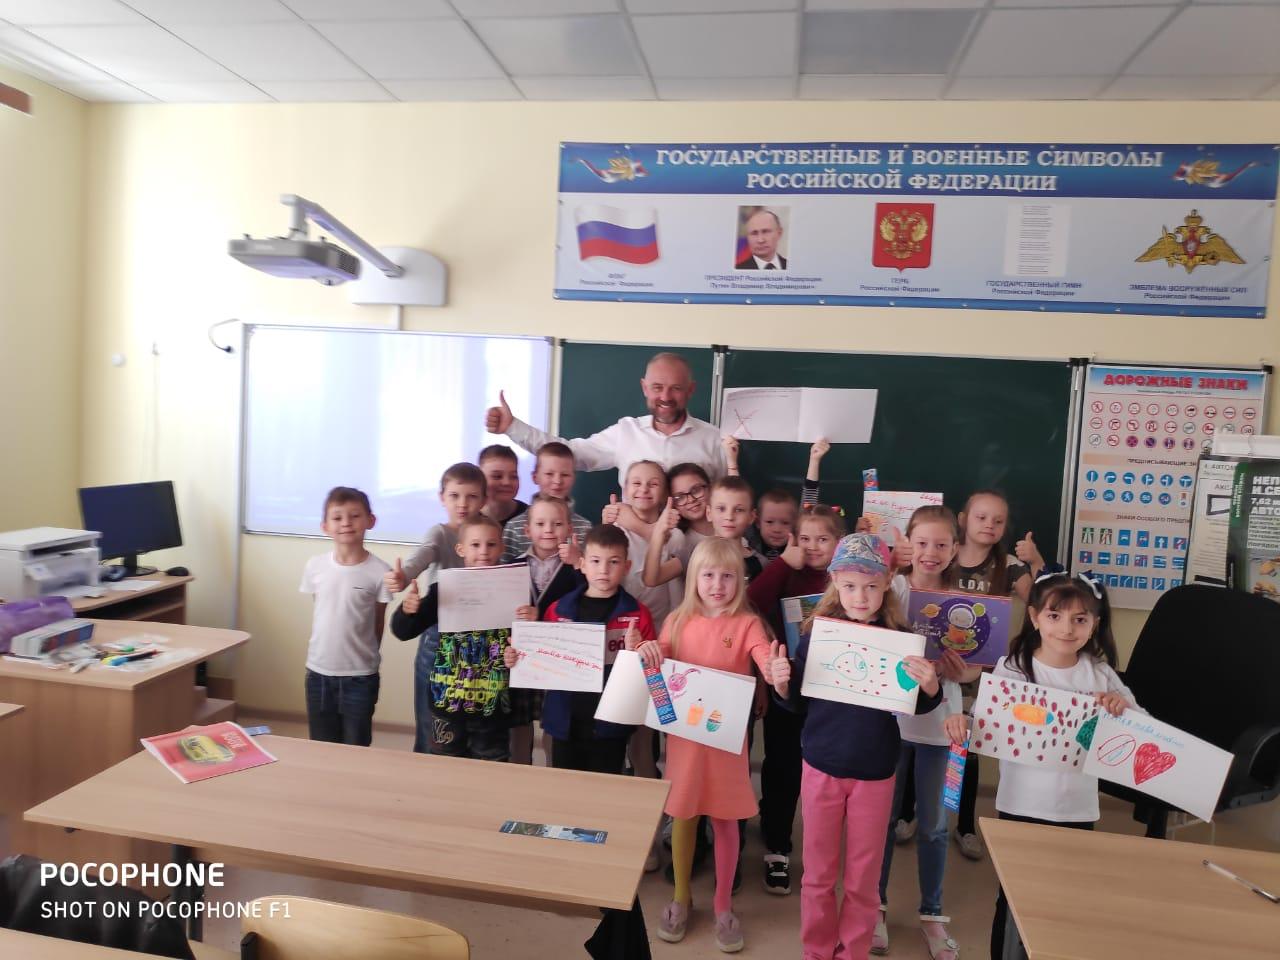 Общее дело в лицее №69 города Ростова-на-Дону